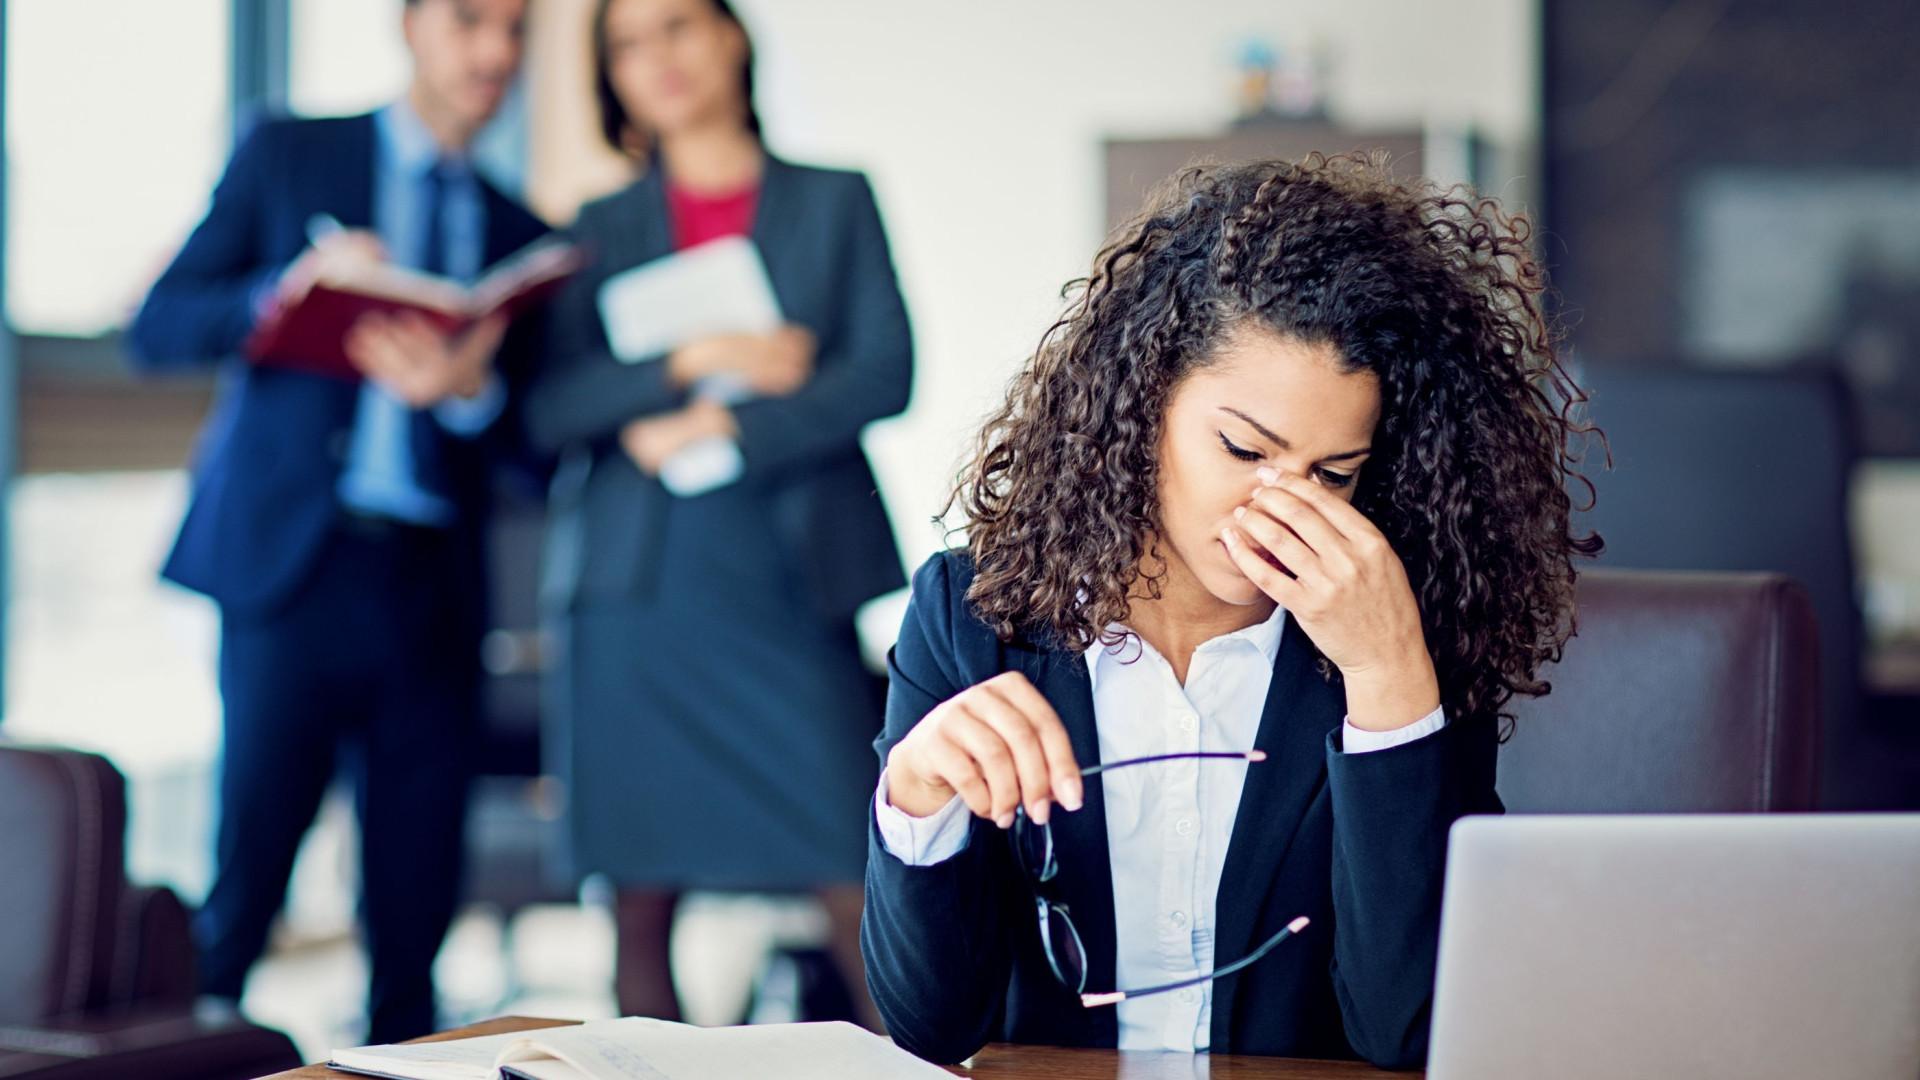 Estresse no trabalho vira doença, afirma OMS